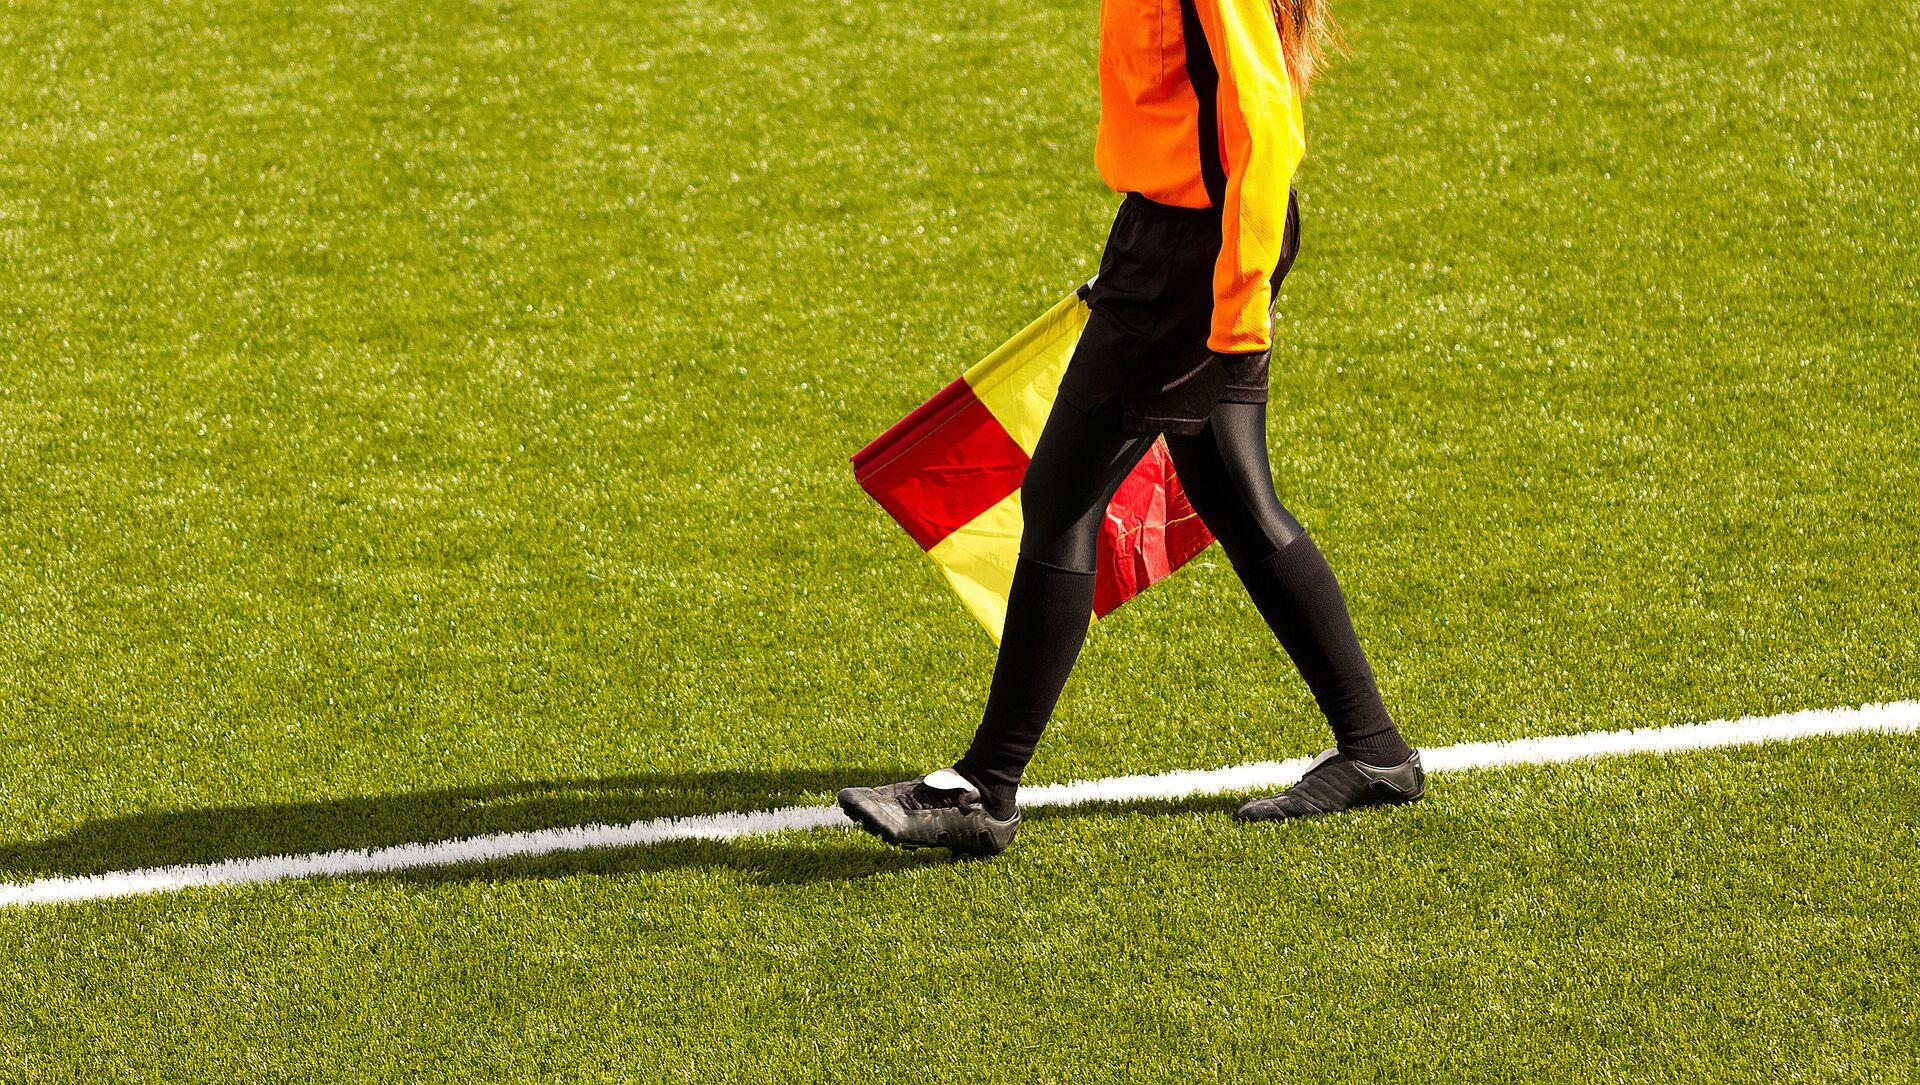 Судья в женском футболе - Sputnik Аҧсны, 1920, 25.08.2021